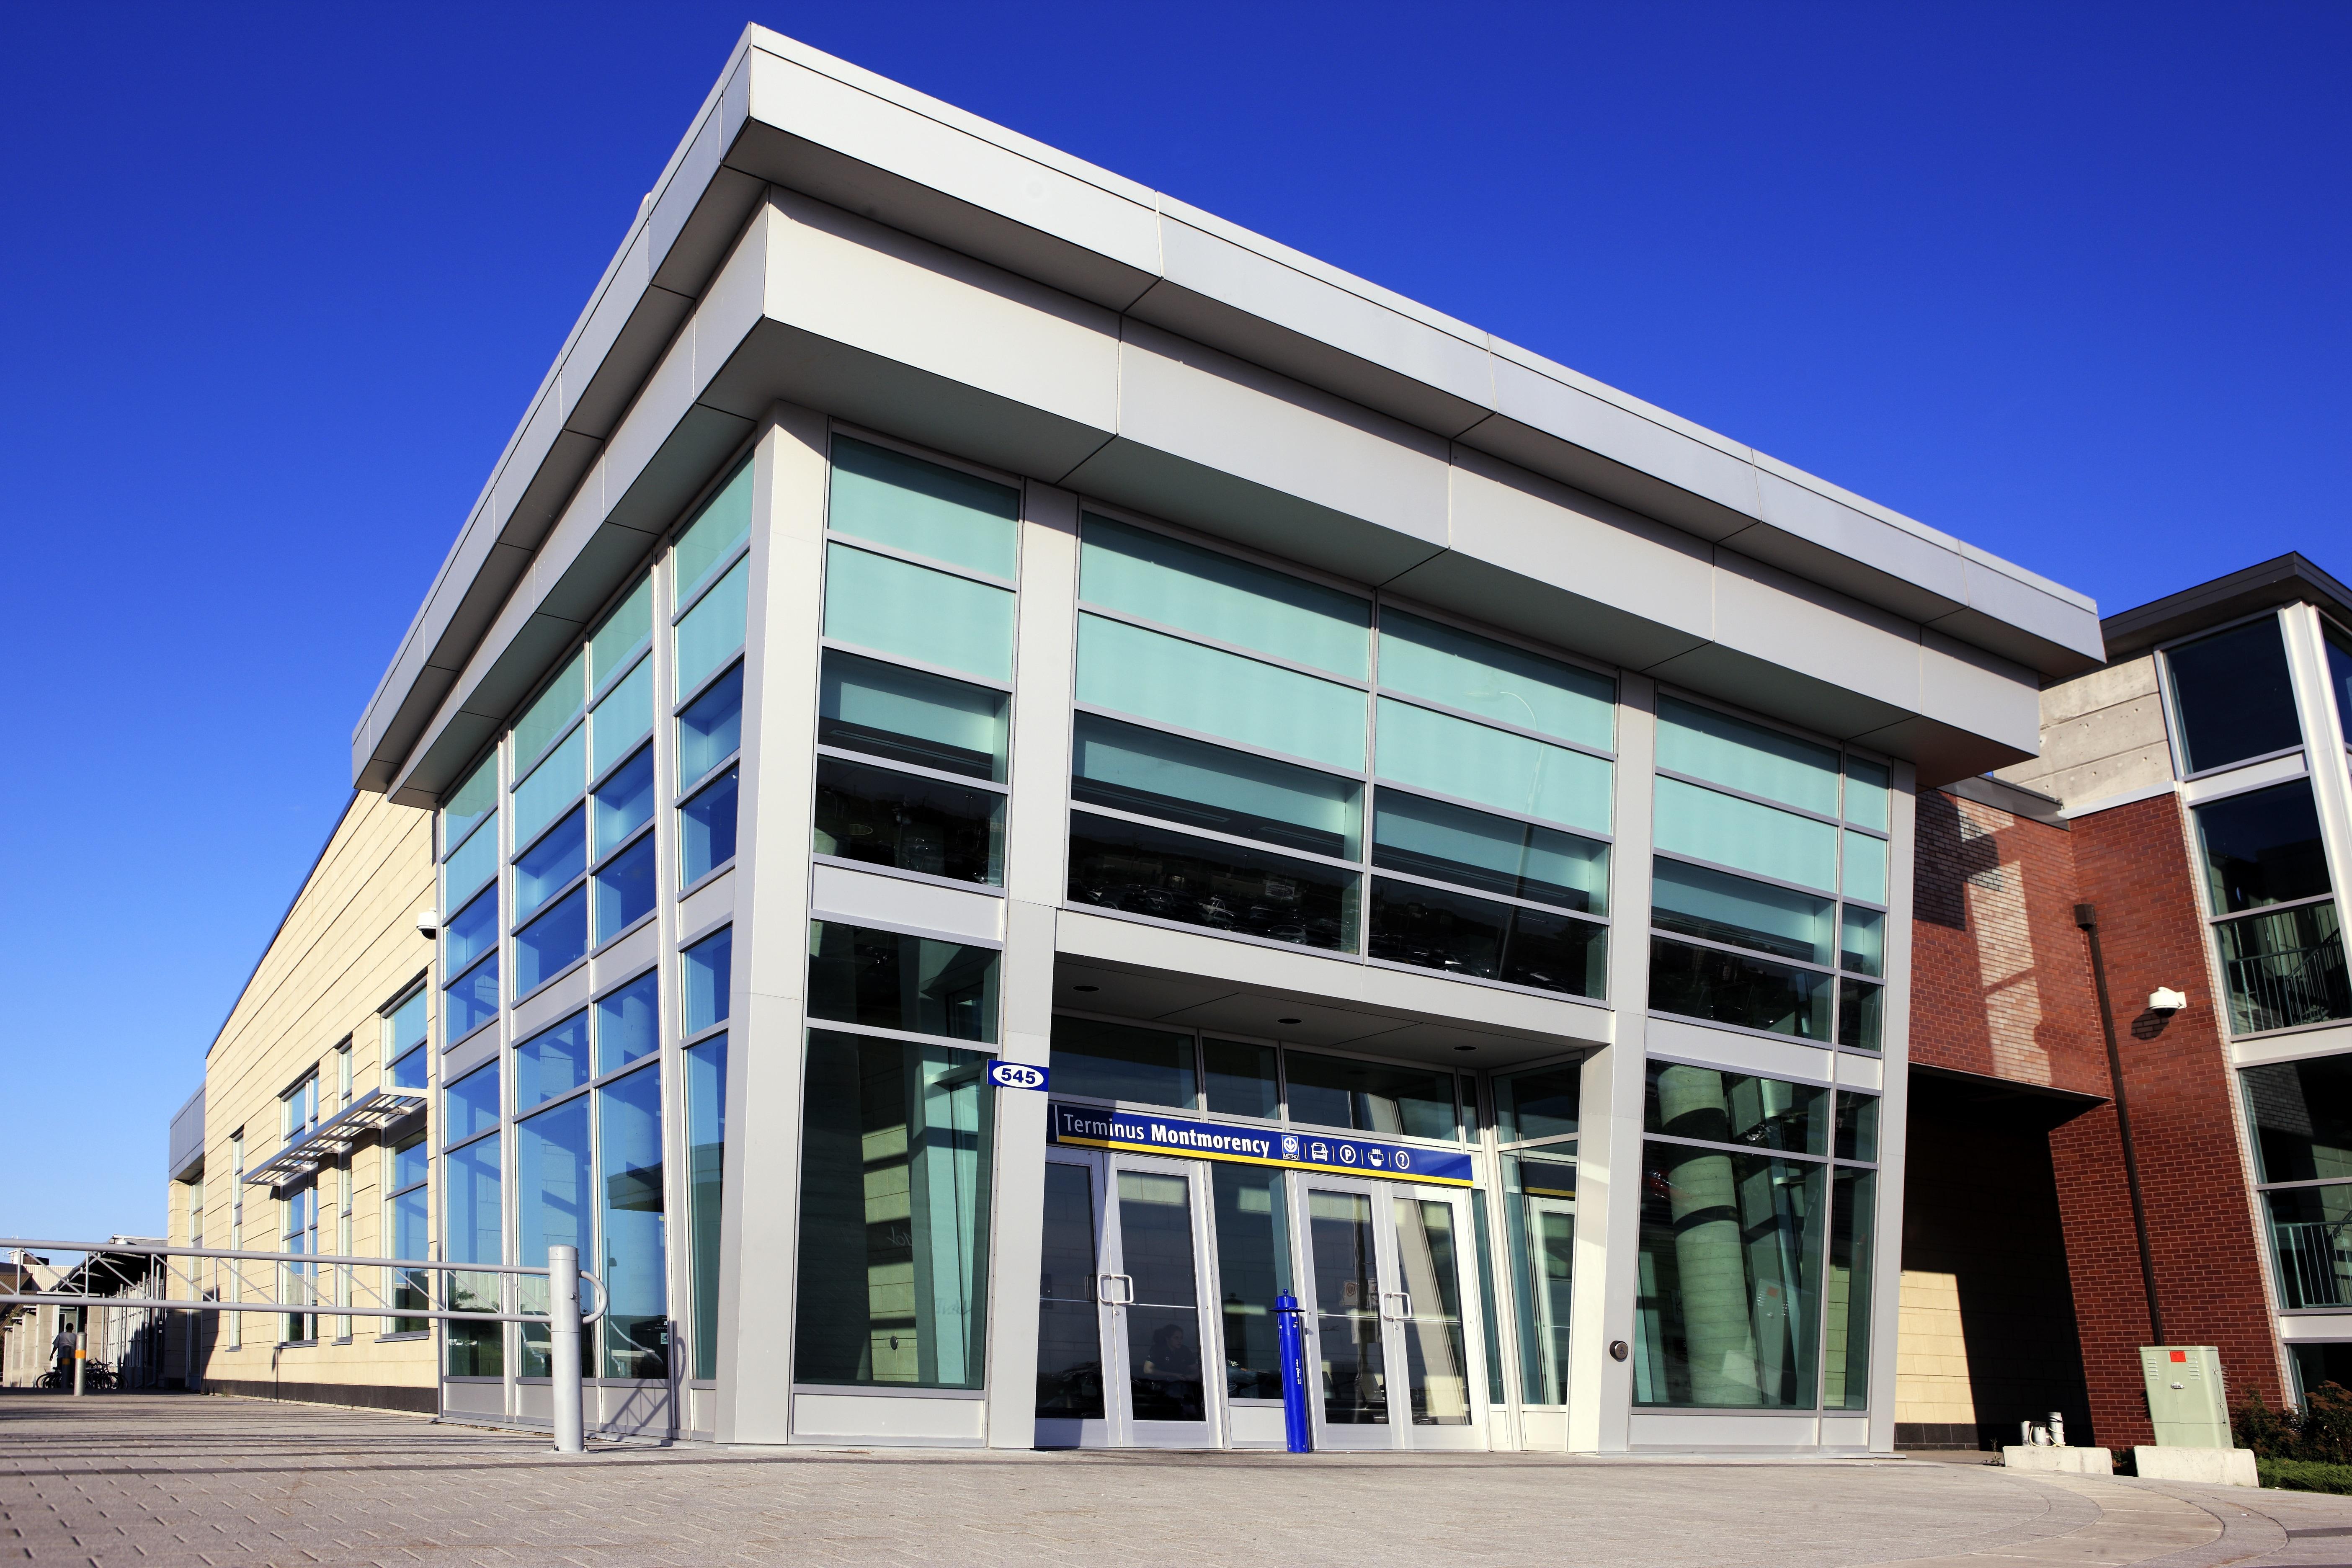 Louer un condo à Laval : économique et près de tous les services